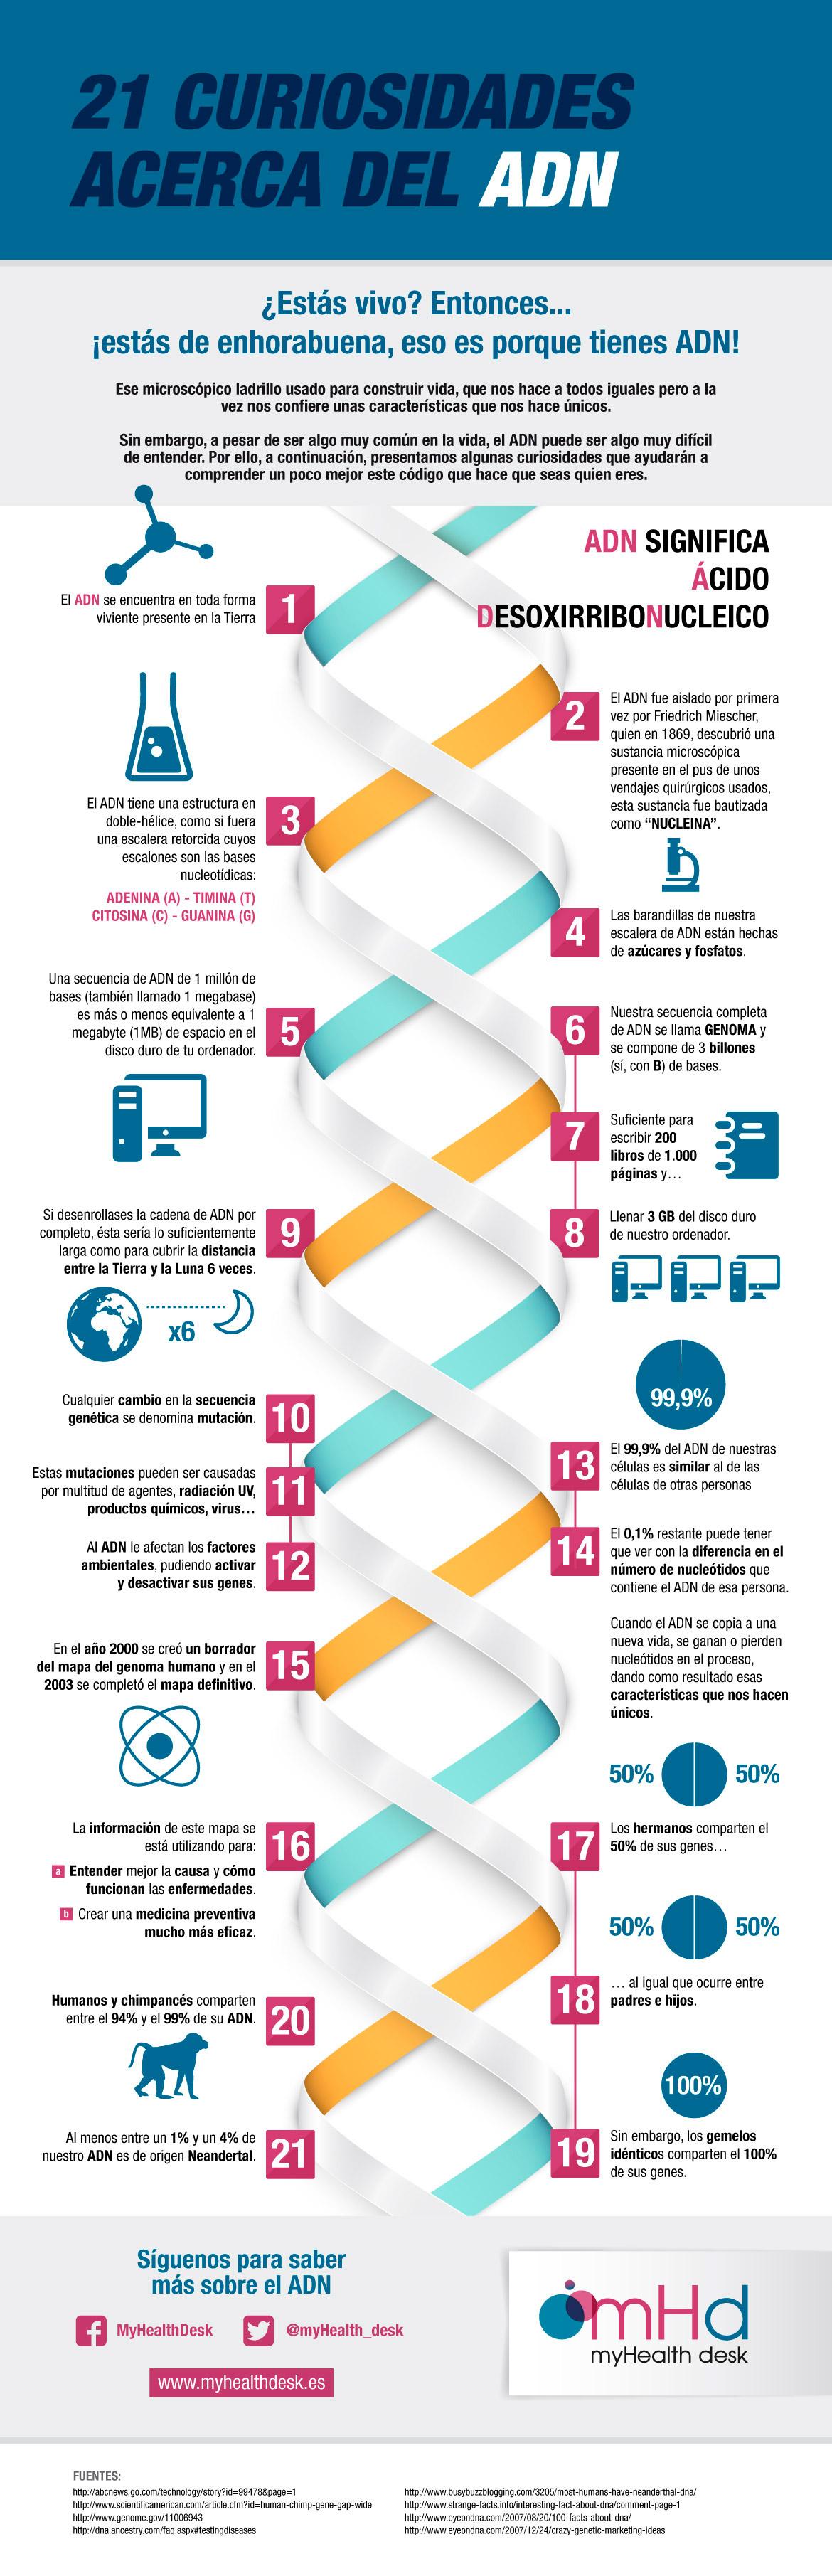 21 curiosidades acerca del ADN